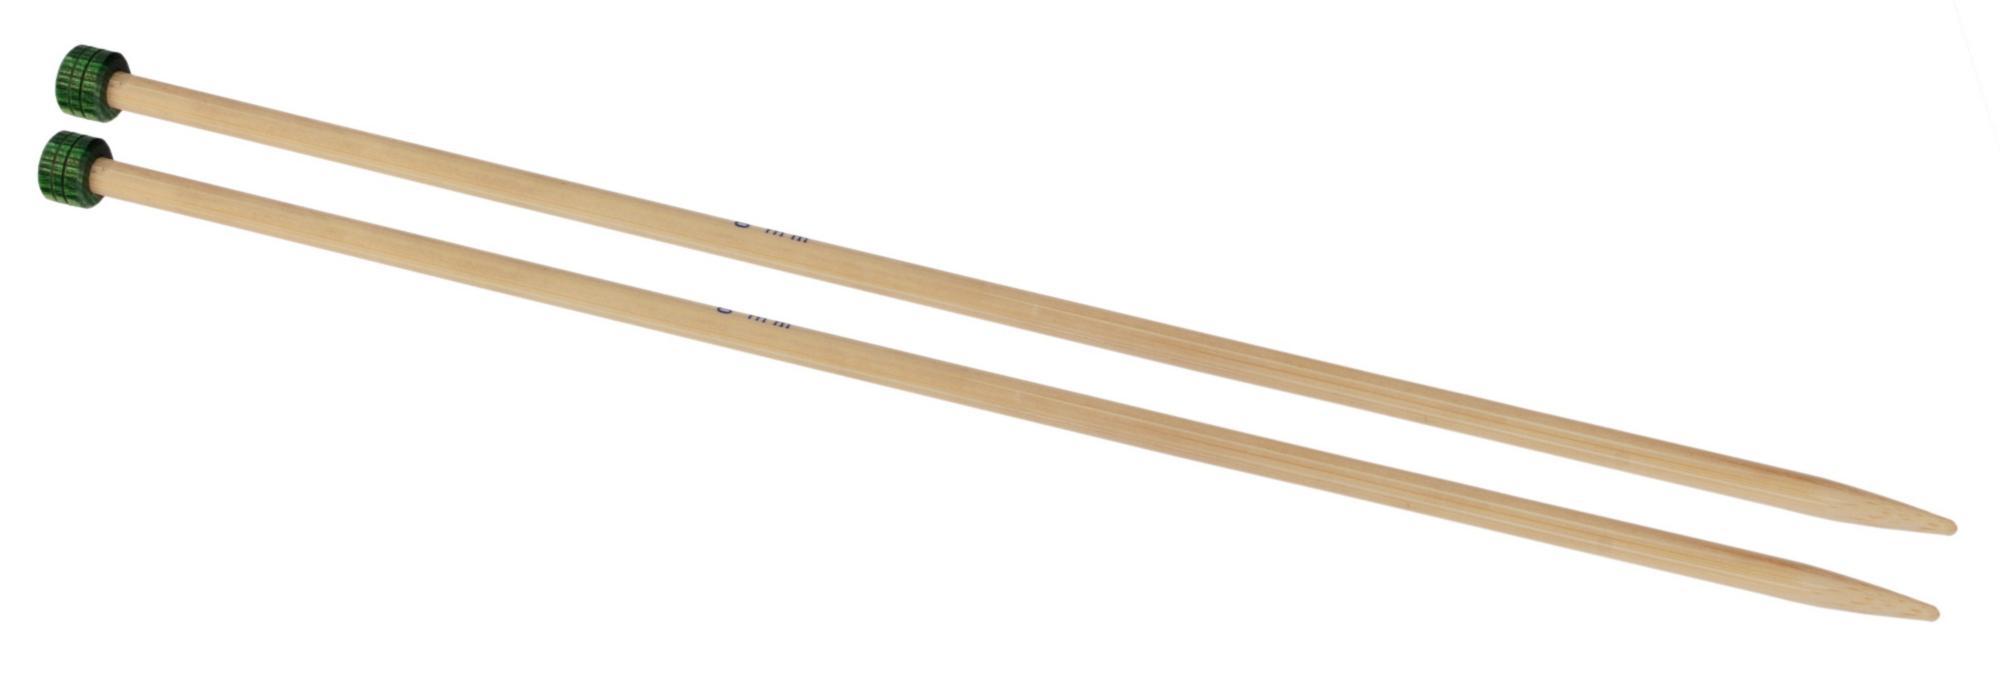 Спицы прямые 30 см Bamboo KnitPro, 22326, 3.50 мм